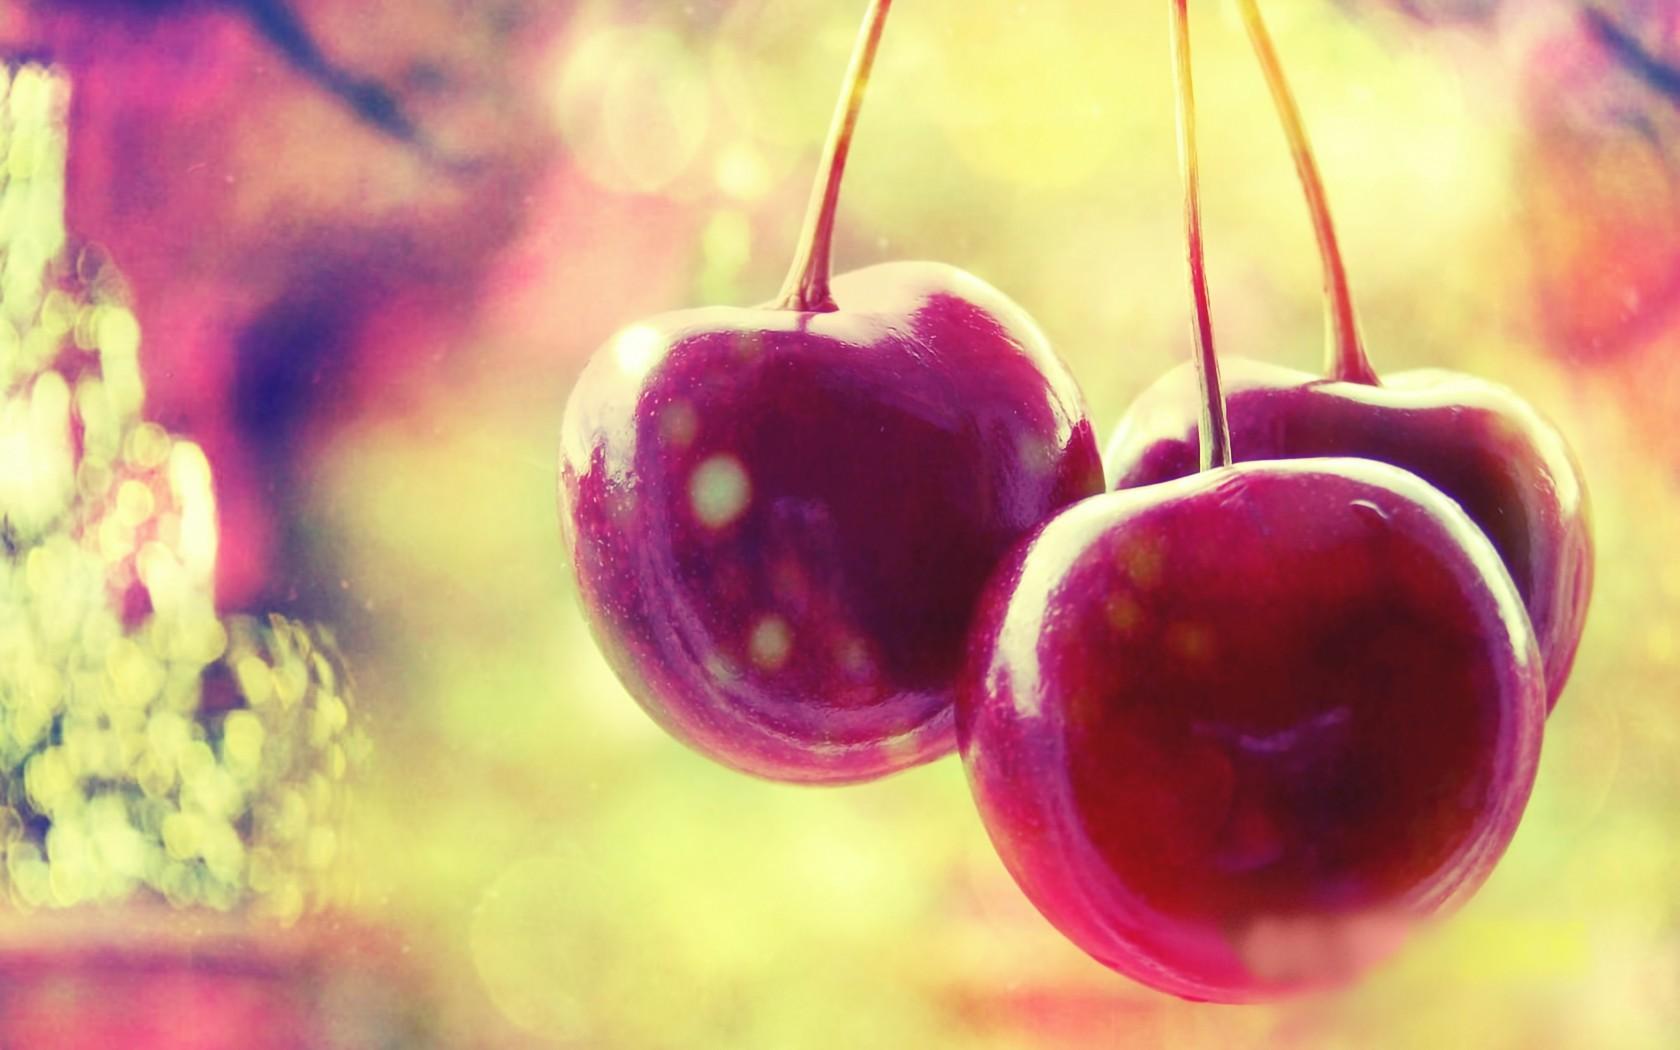 Propriet benefiche delle ciliegie roba da donne in salute - Cosa devo mangiare per andare in bagno ...